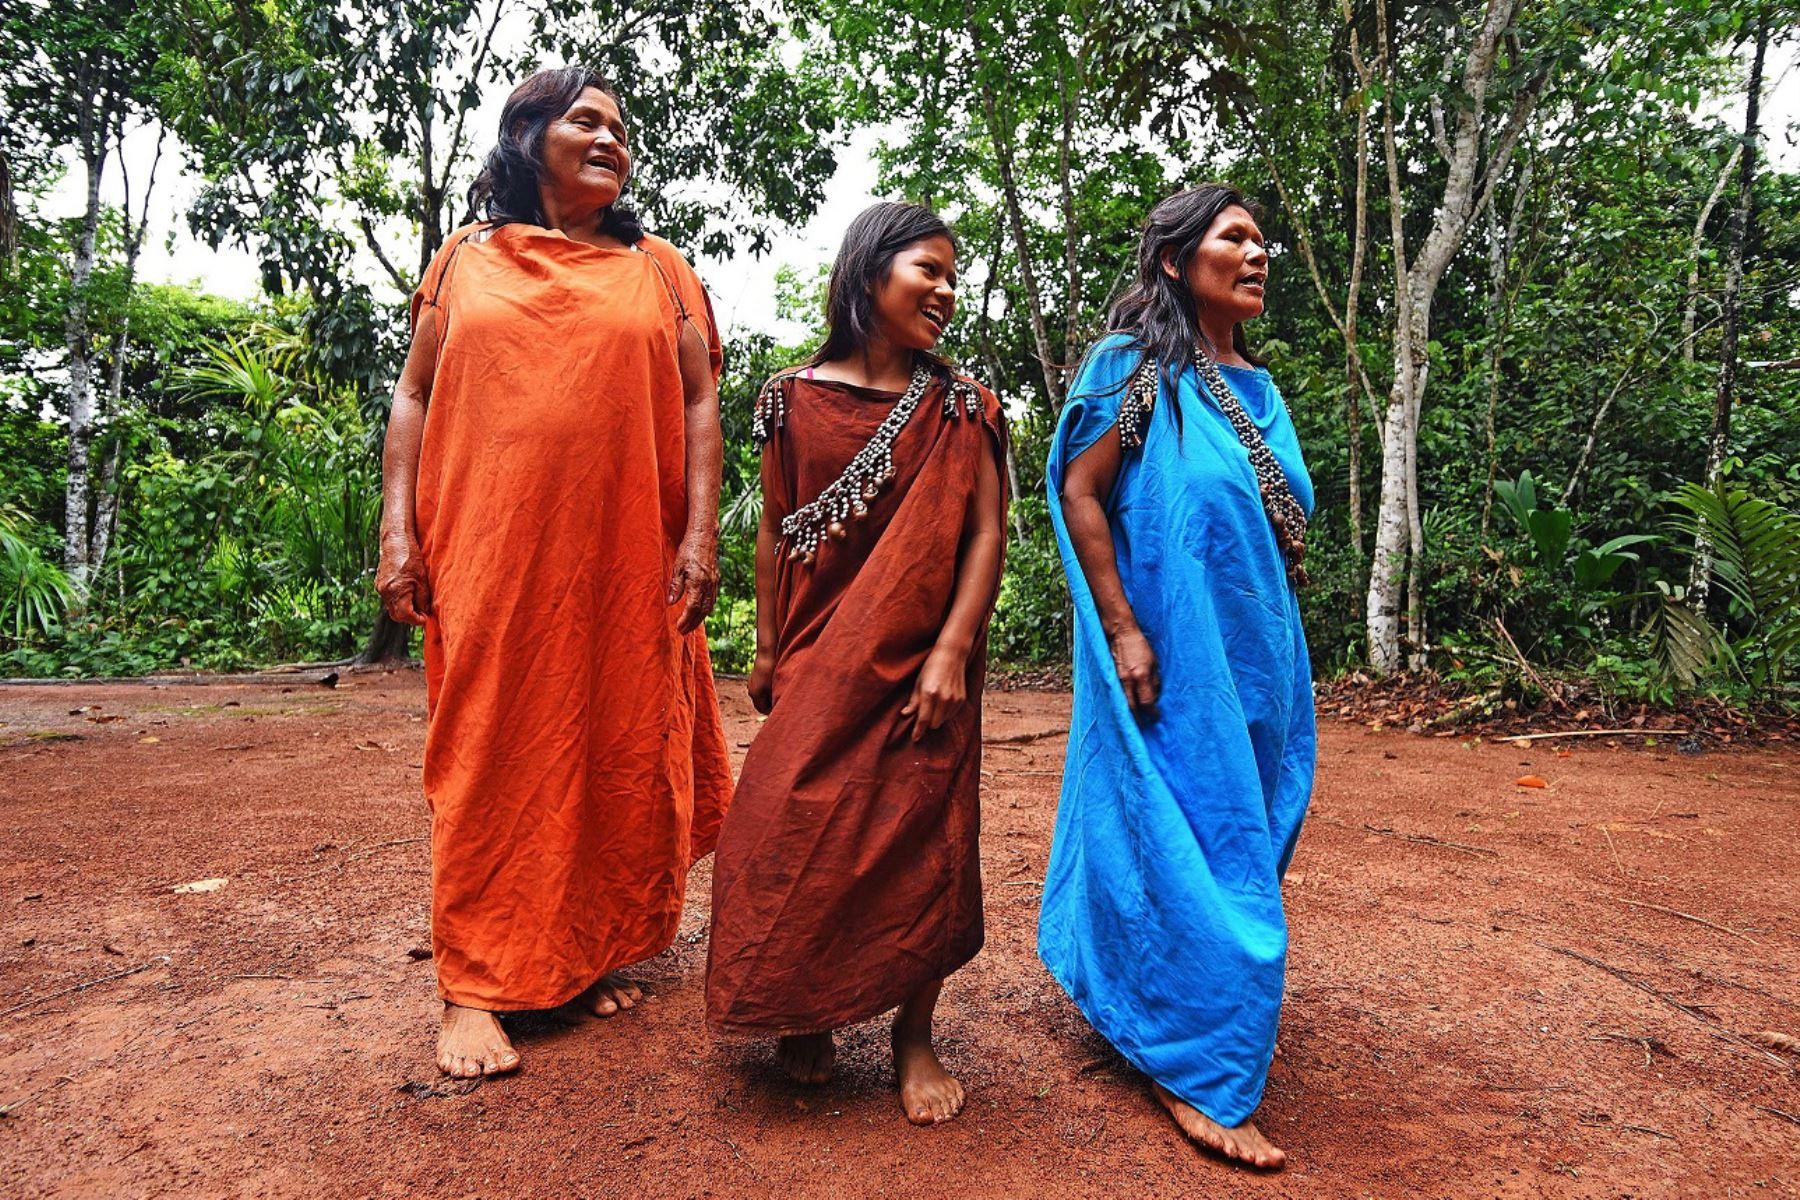 La finalidad del plan es contribuir a la reducción y contención de los impactos sanitario, social y económico de la pandemia en las comunidades indígenas y poblados rurales de la Amazonía. Foto: ANDINA/Difusión